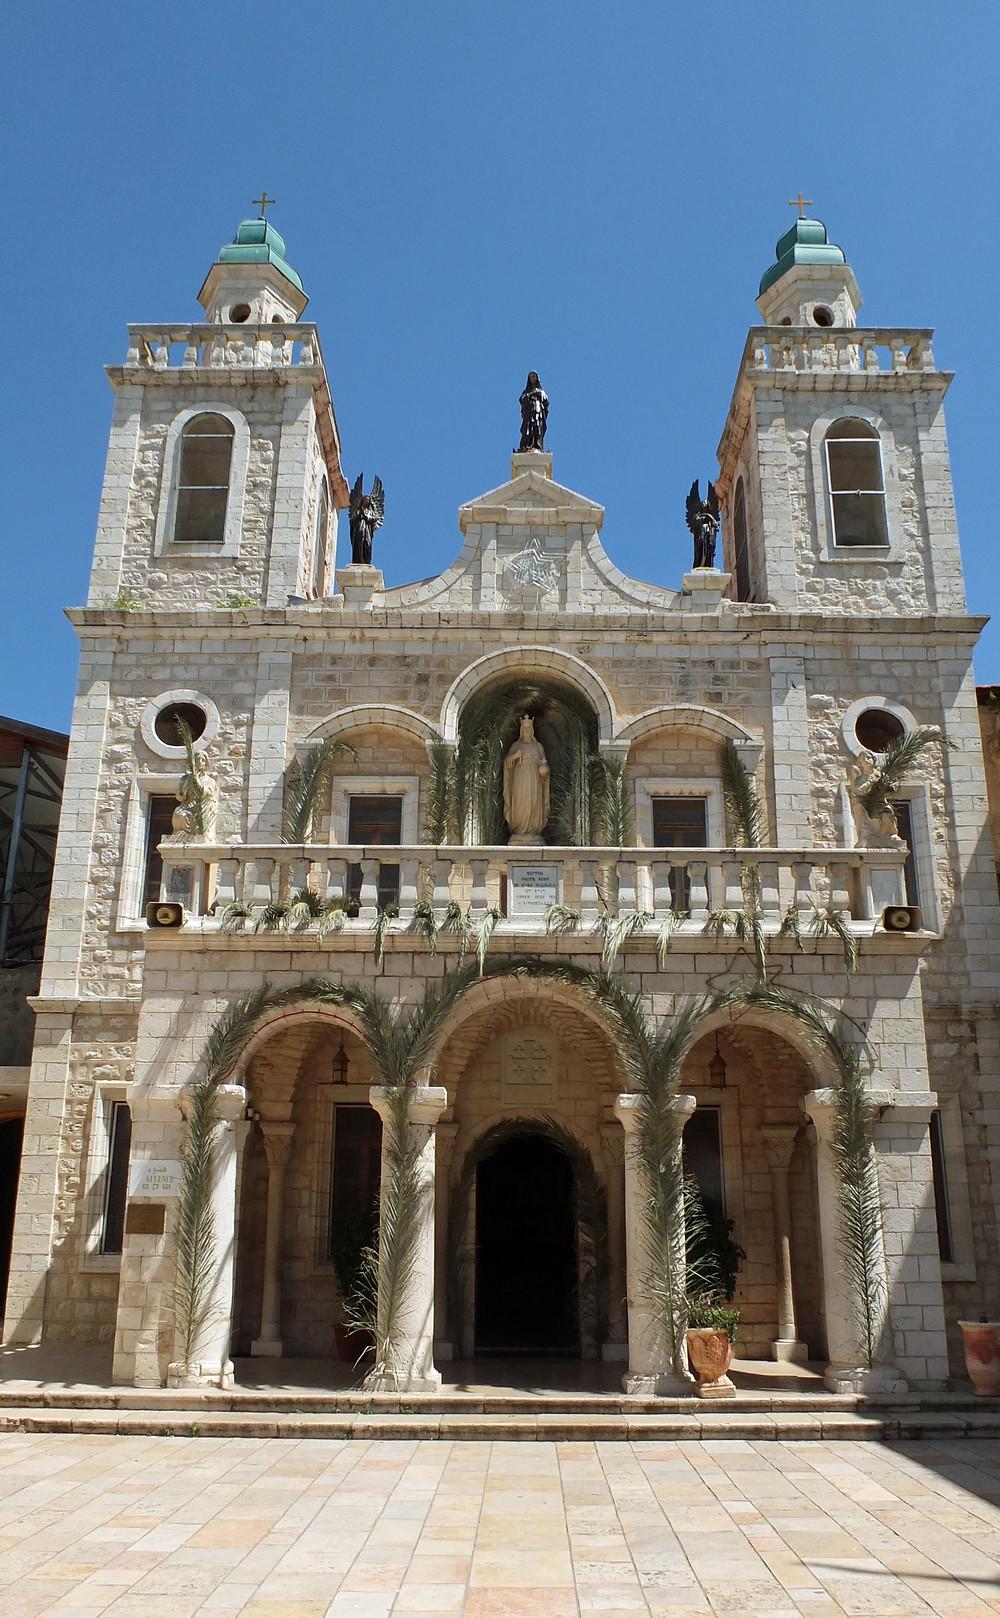 Katholische Hochzeitskirche in Kfar Kana, Israel